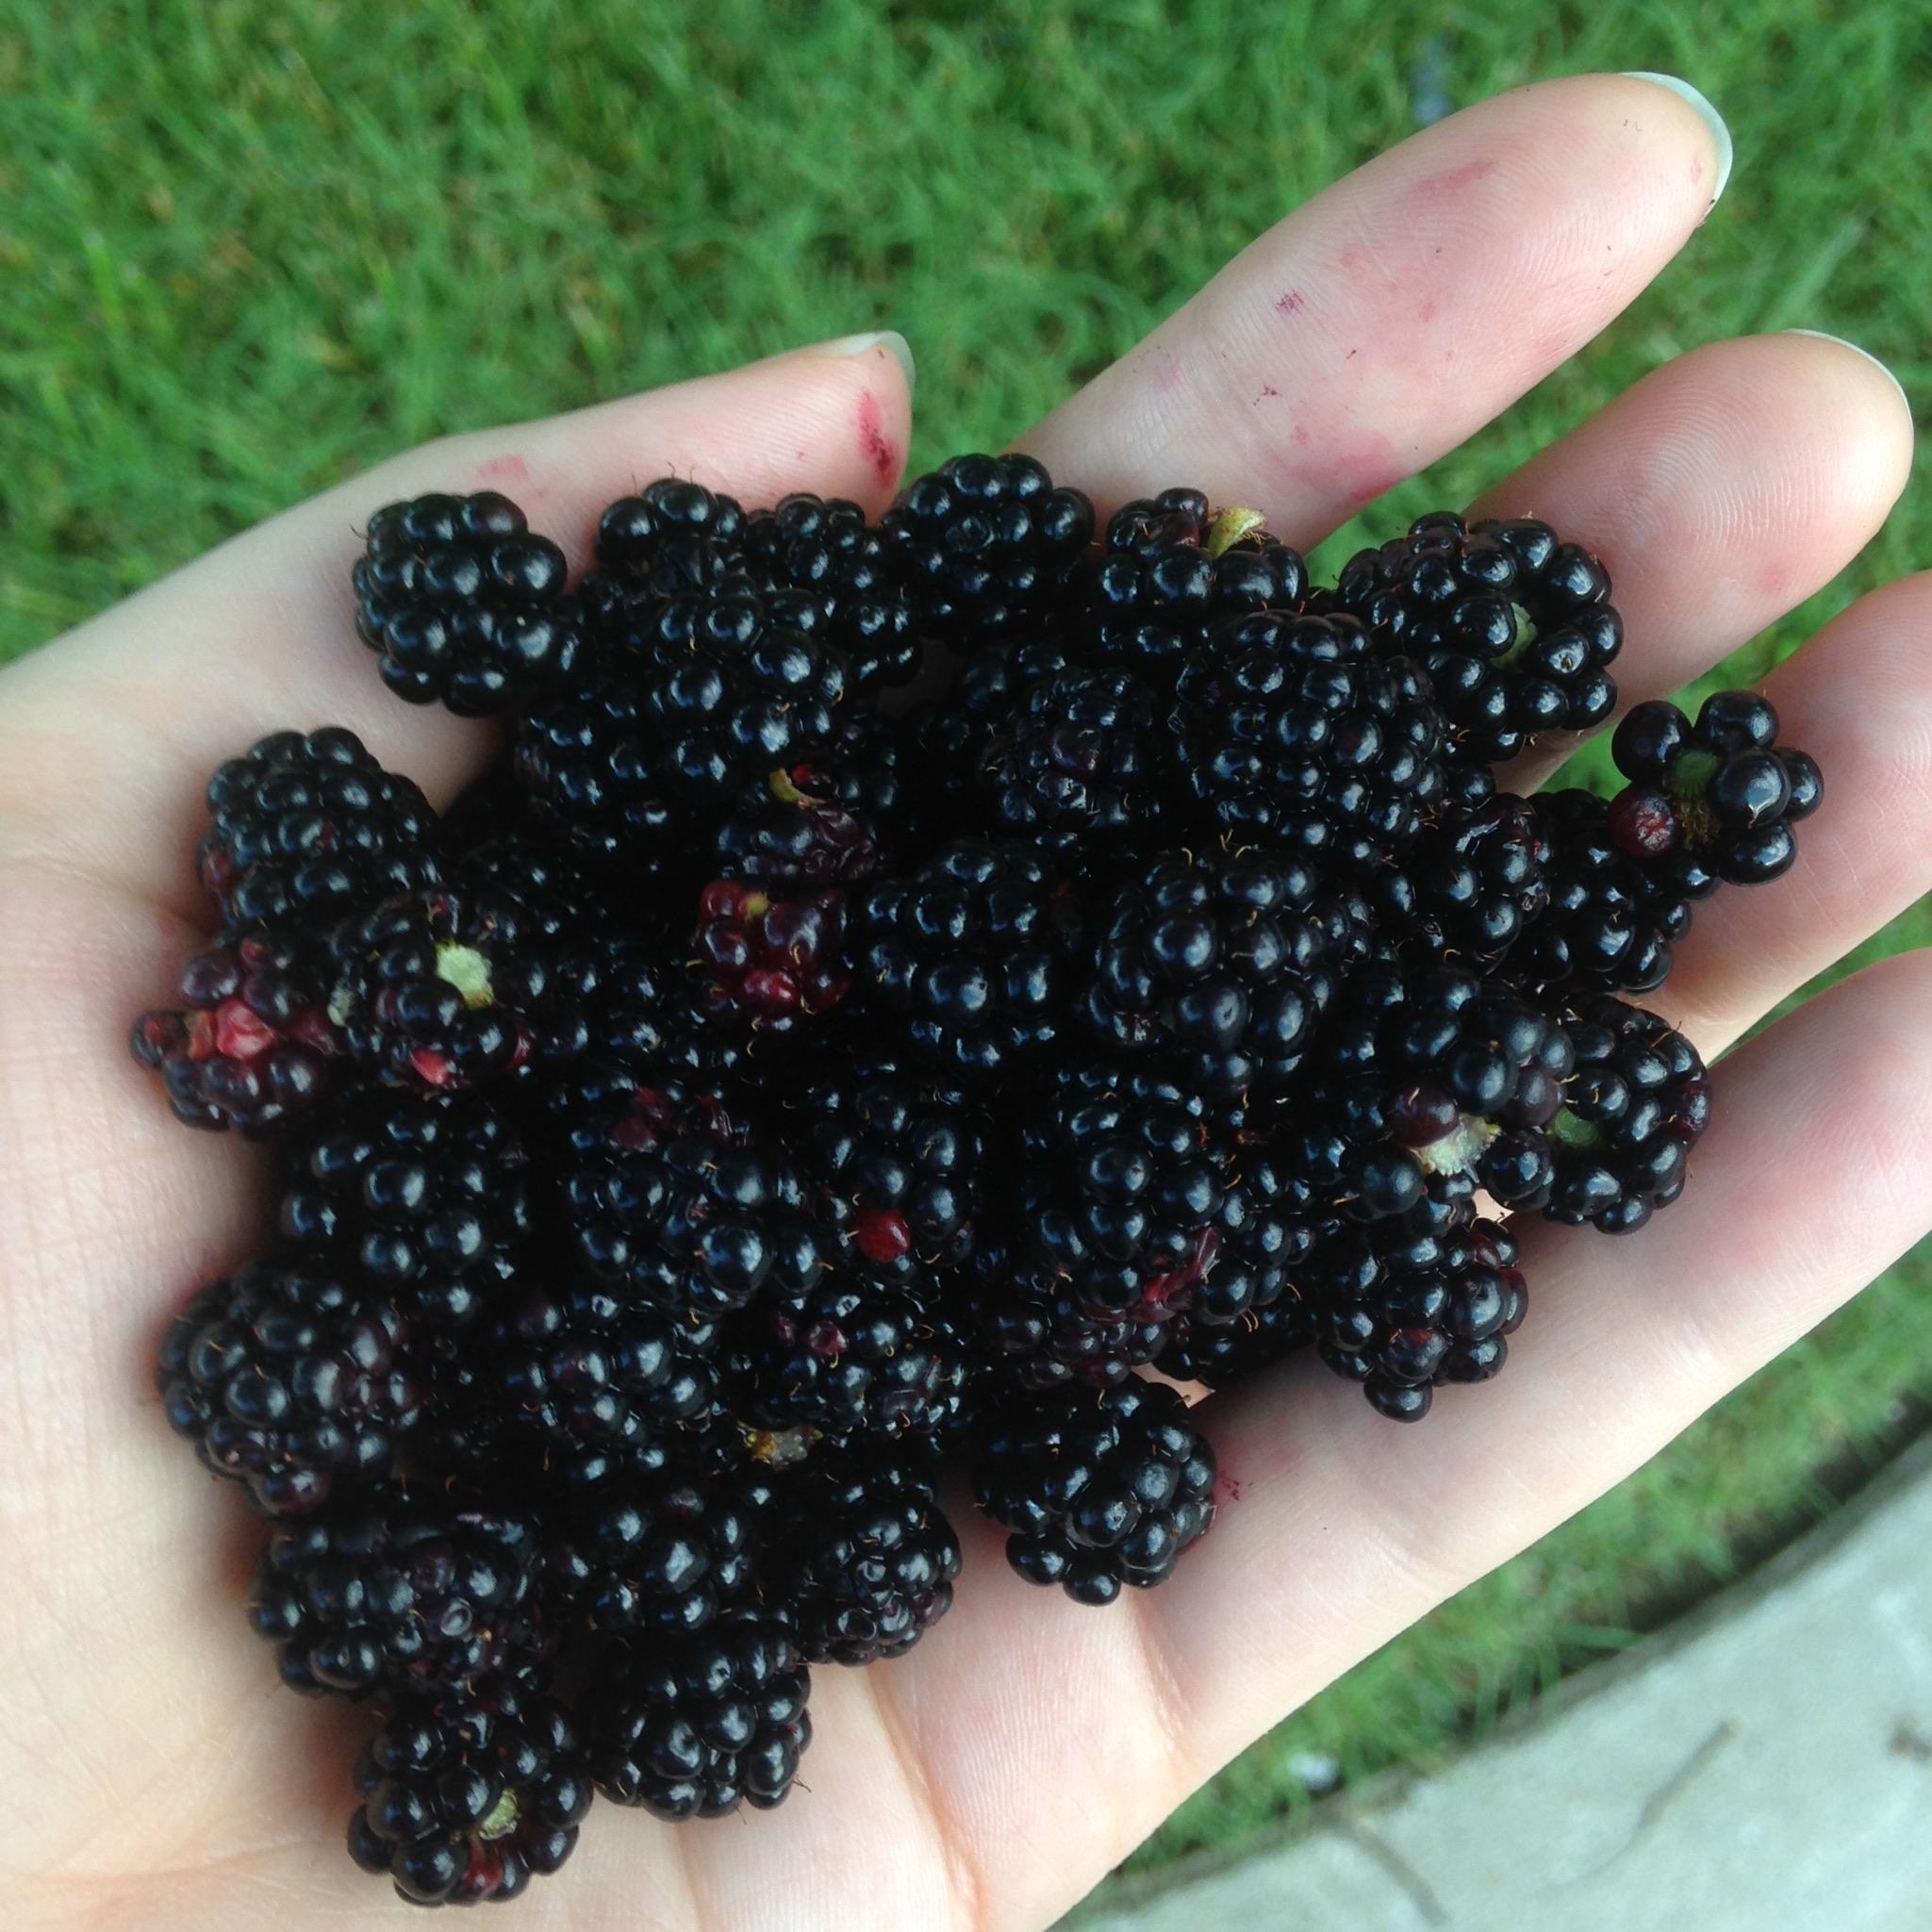 blackberry-abundance